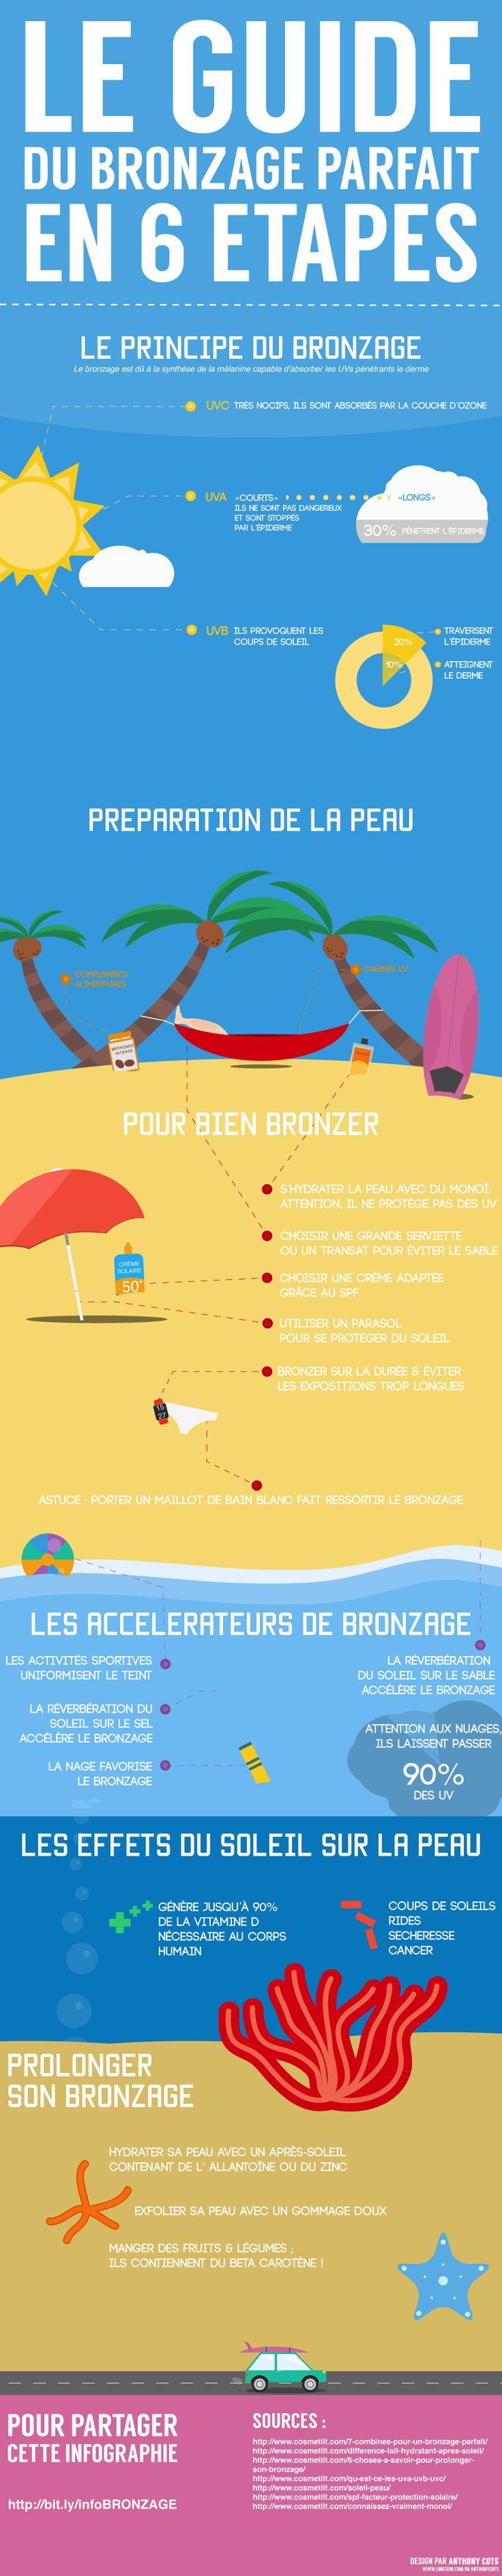 Le guide du bronzage parfait en 6 étapes. Découvrez de nombreuses astuces pour bien bronzer cet été, sans risque de coups de soleils. Plus d'infos : http://www.cosmetilt.com/infographie-6-etapes-bronzage-parfait/